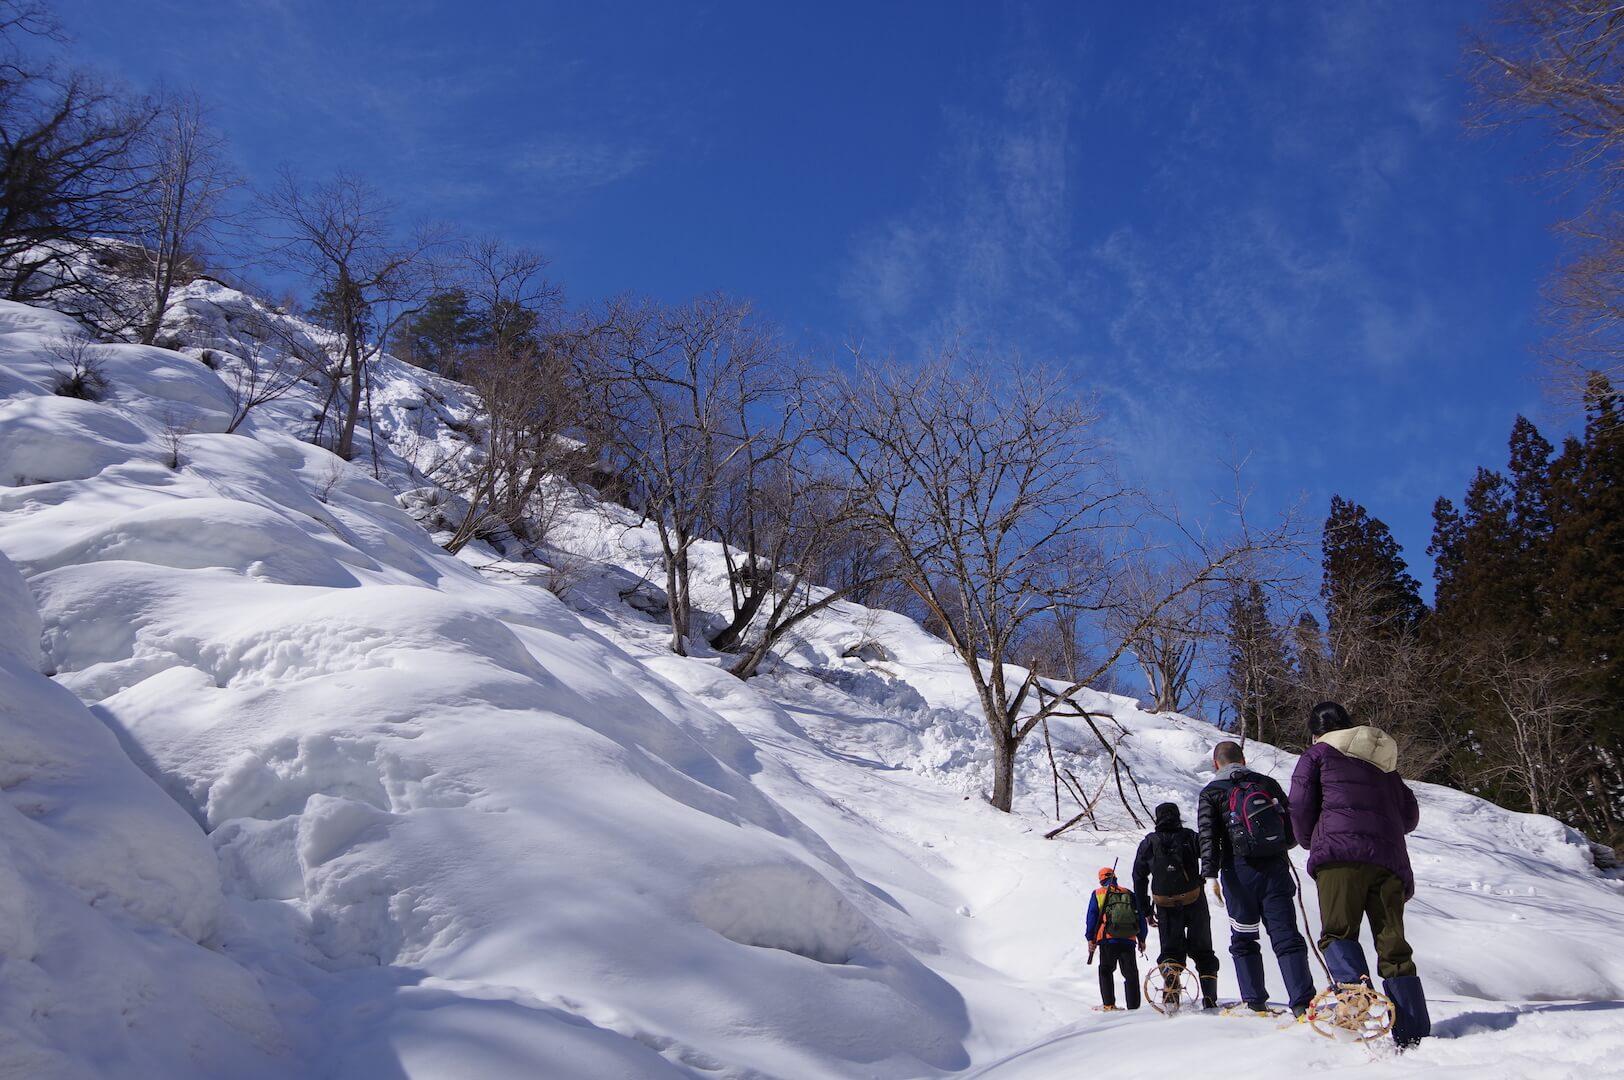 シェアベース昭和村の体験コンテンツ